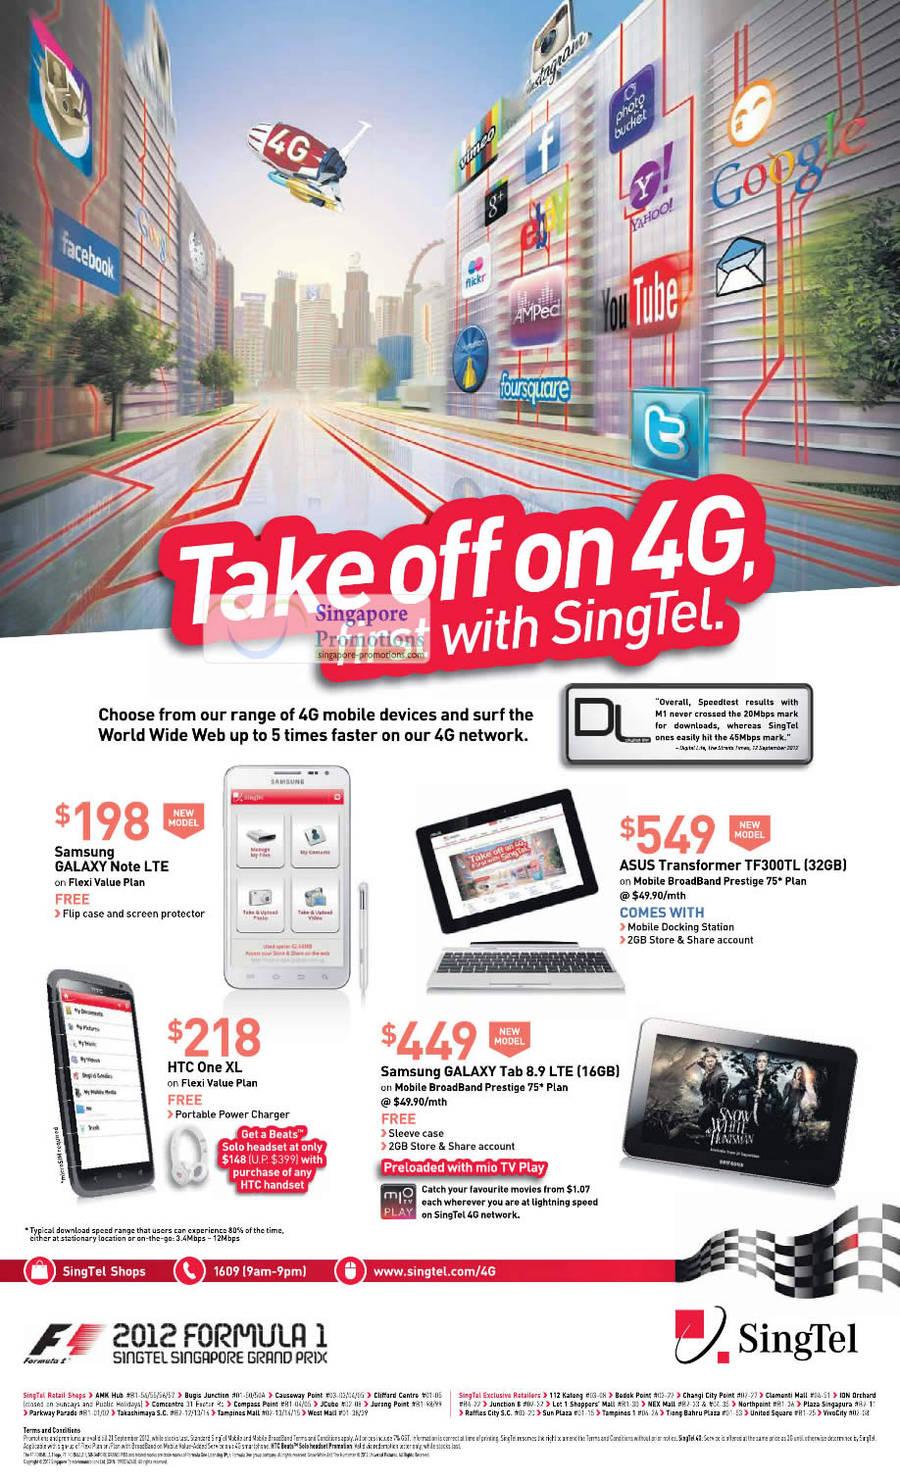 Samsung Galaxy Note LTE, ASUS Transformer TF300LT, HTC One XL, Samsung Galaxy Tab 8.9 LTE